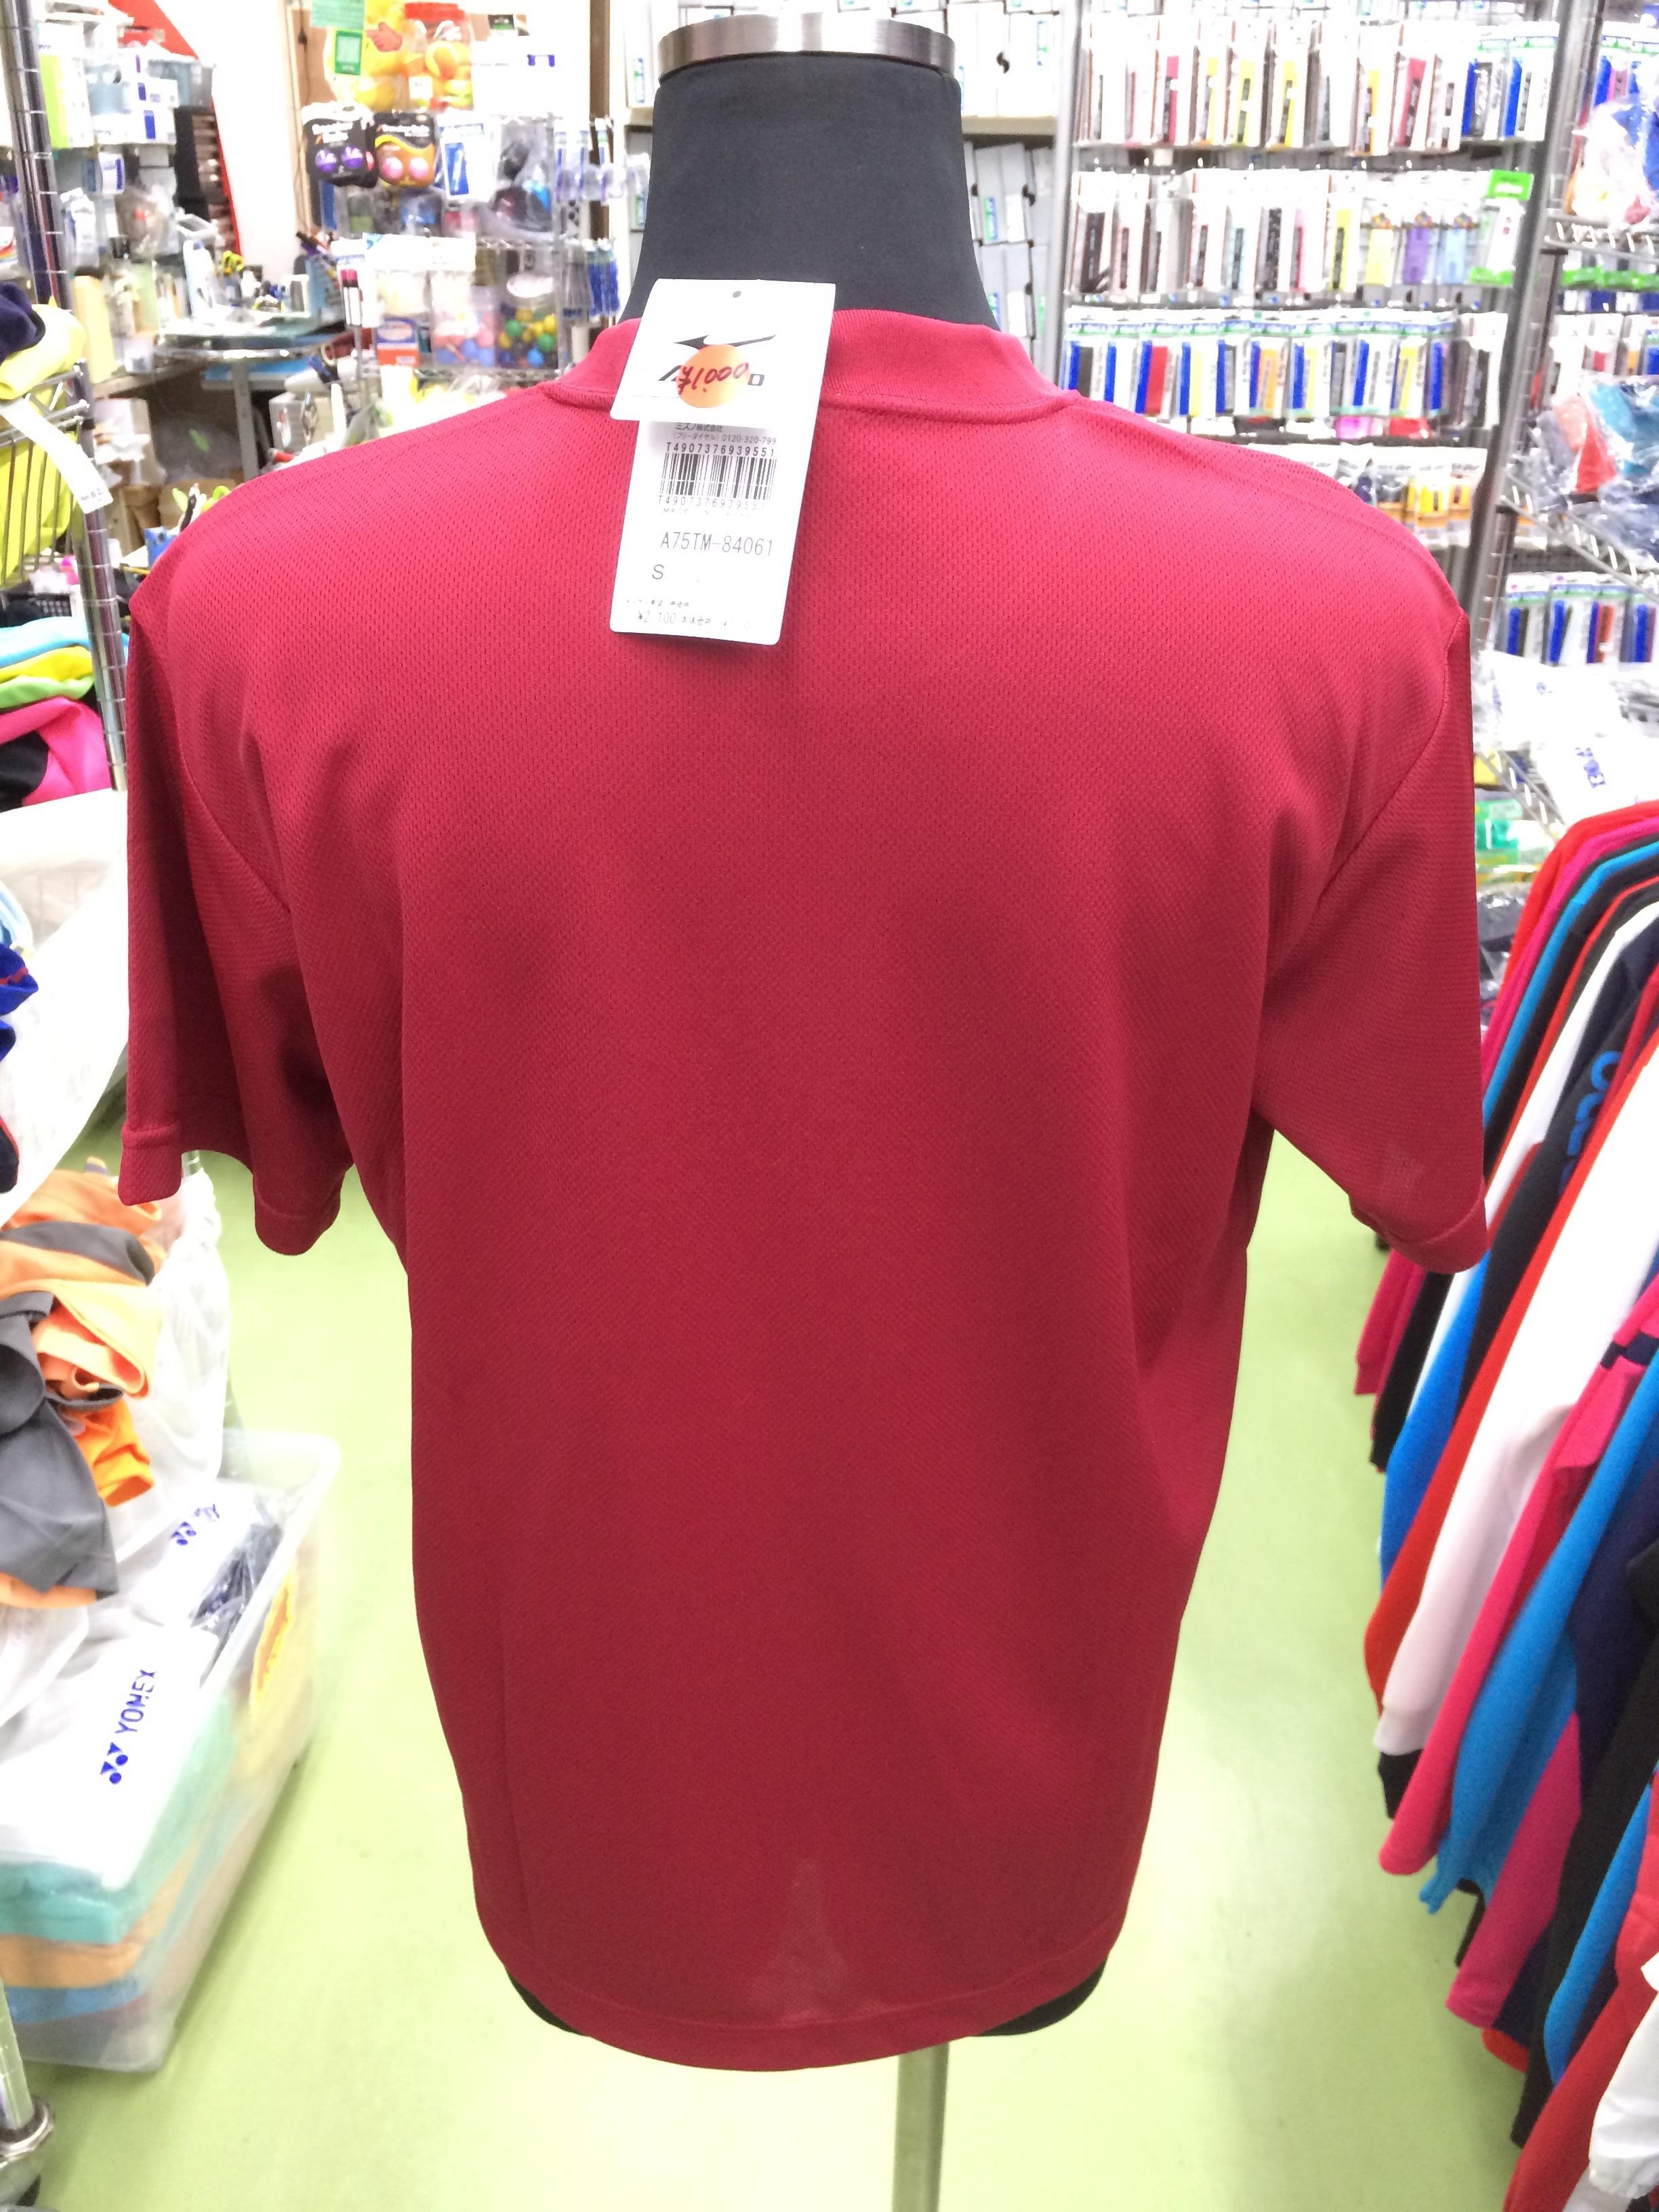 ミズノ Tシャツ A75T M-84061 - 画像2